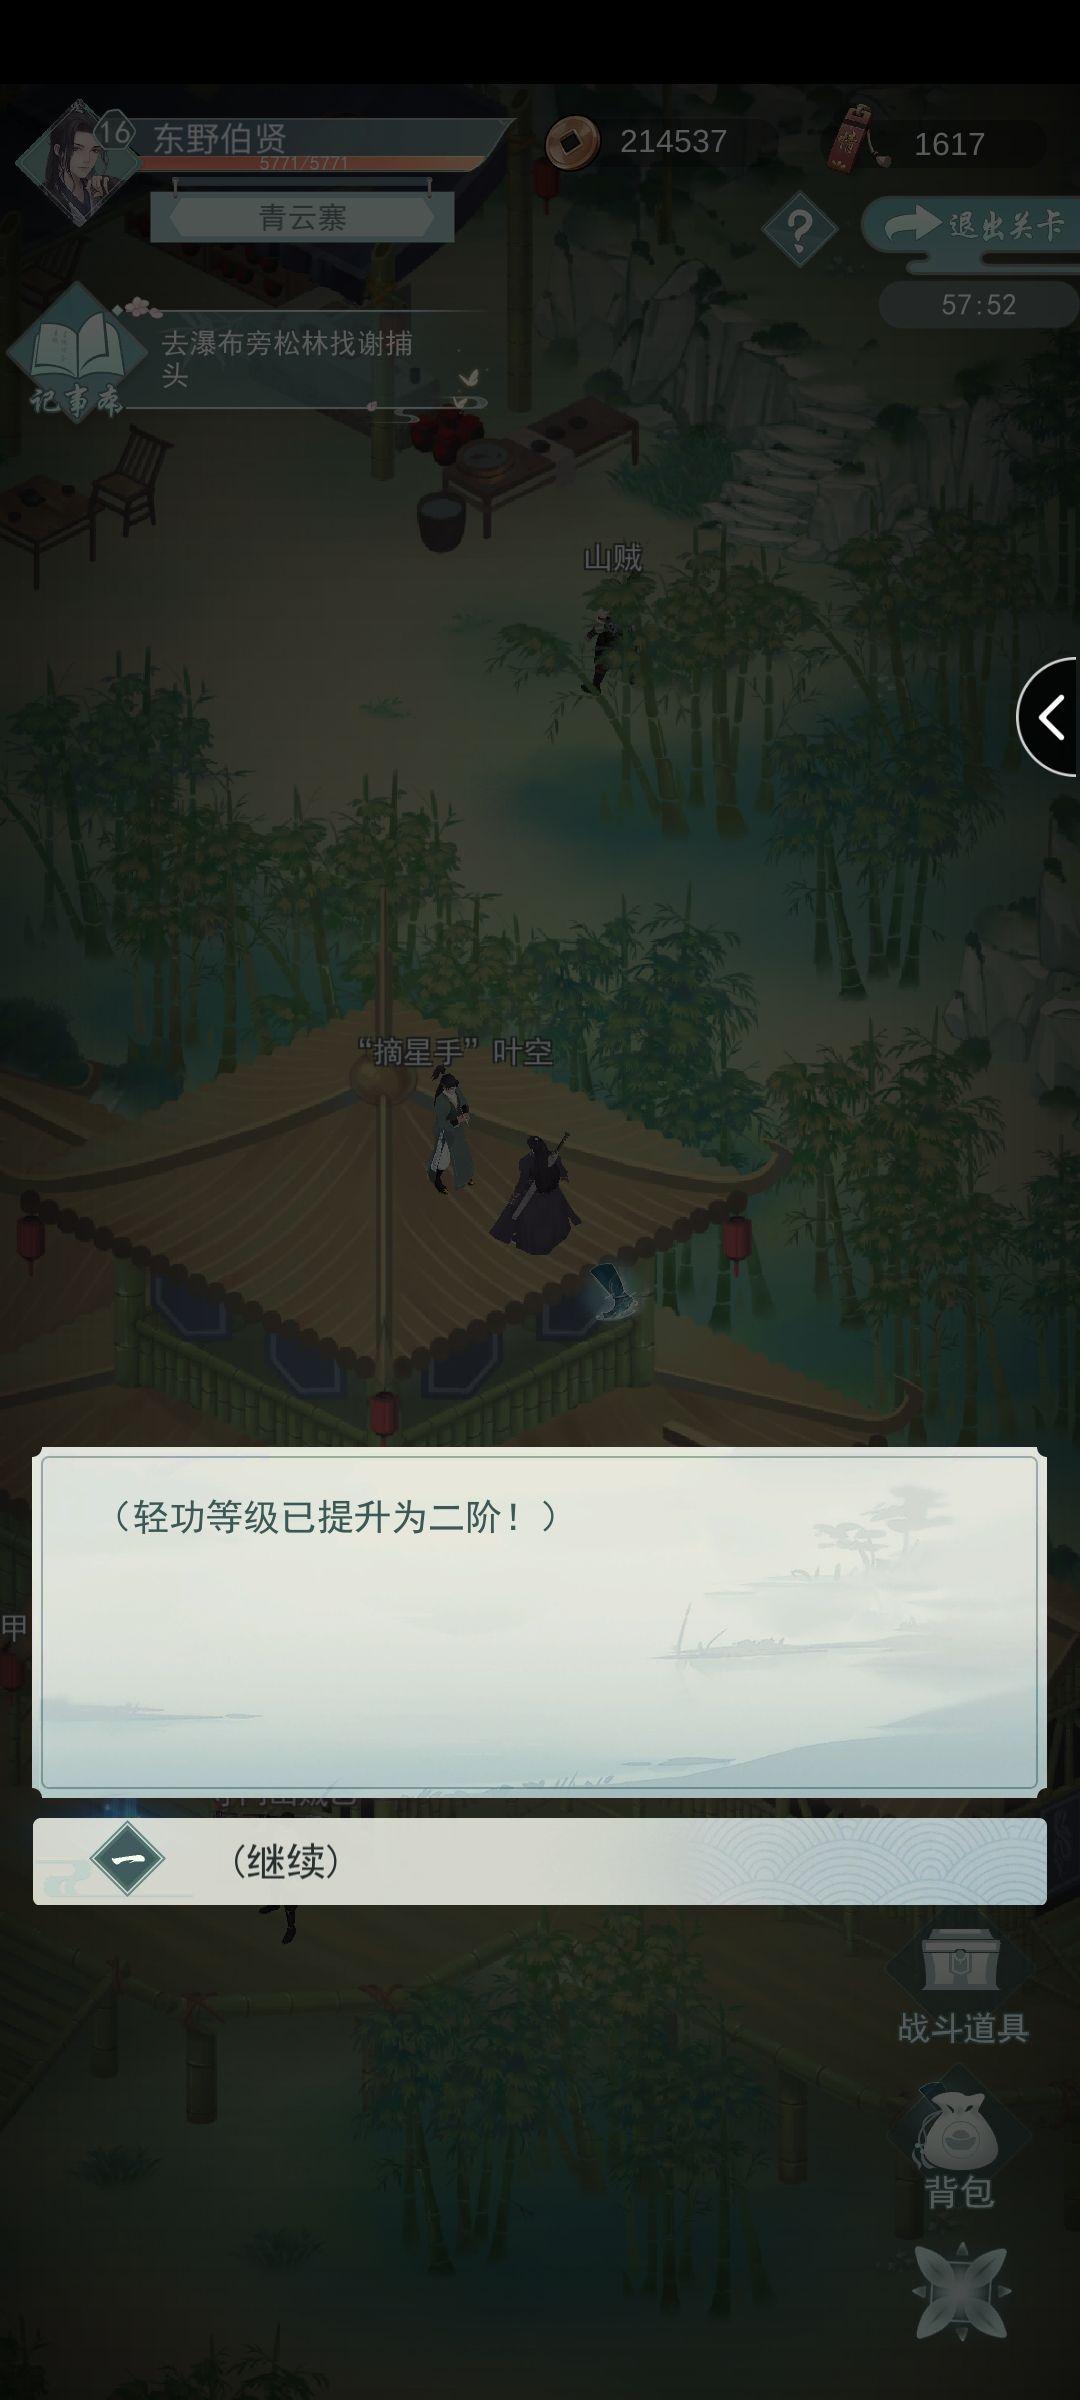 江湖悠悠二级轻功获得方法